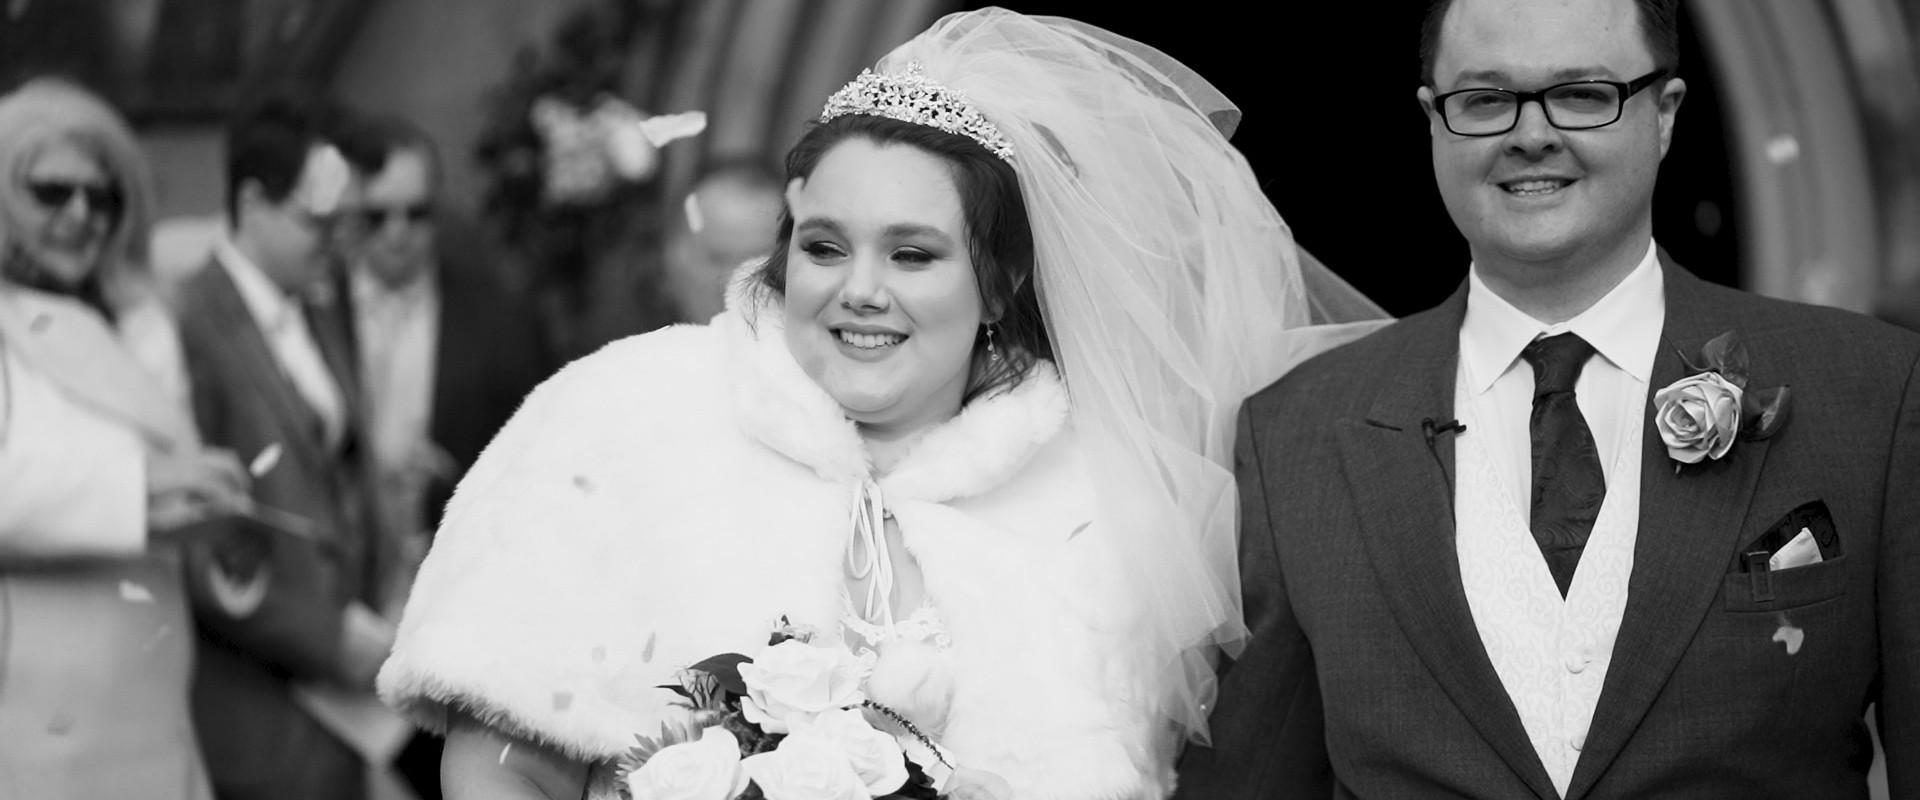 Wedding-ShortFilm-BW.00_04_37_03.Still03